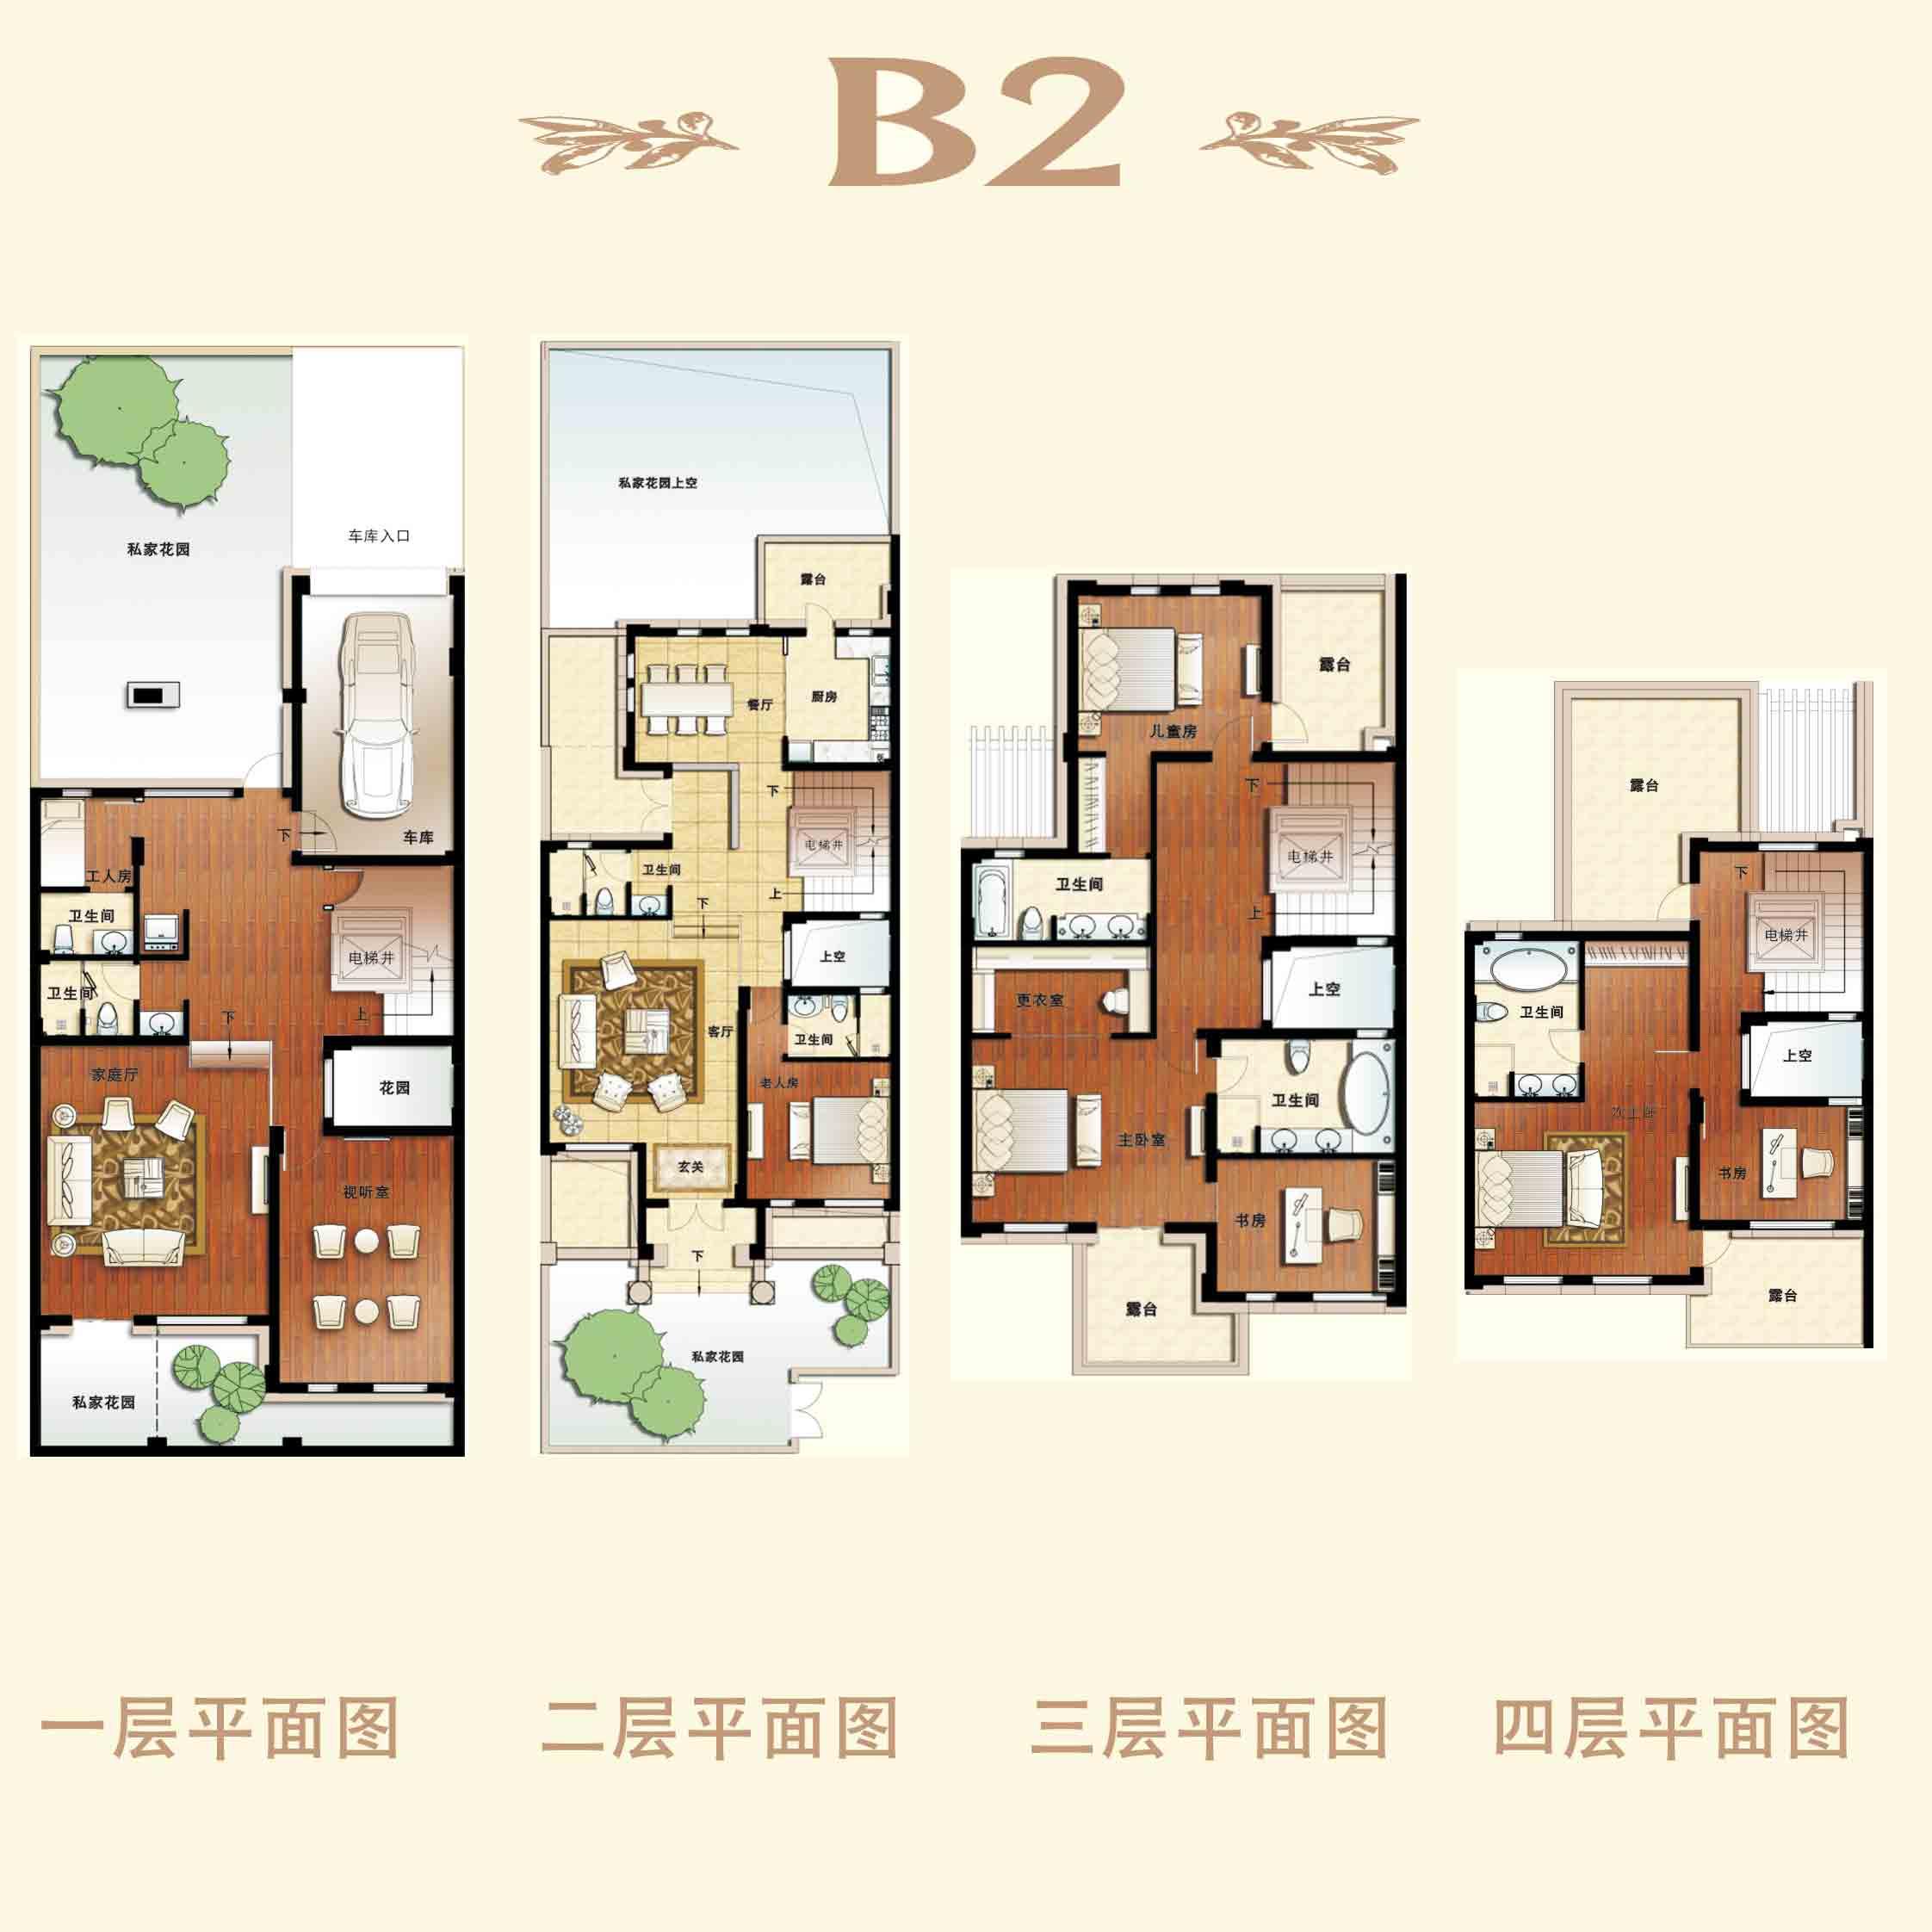 B2户型 457㎡